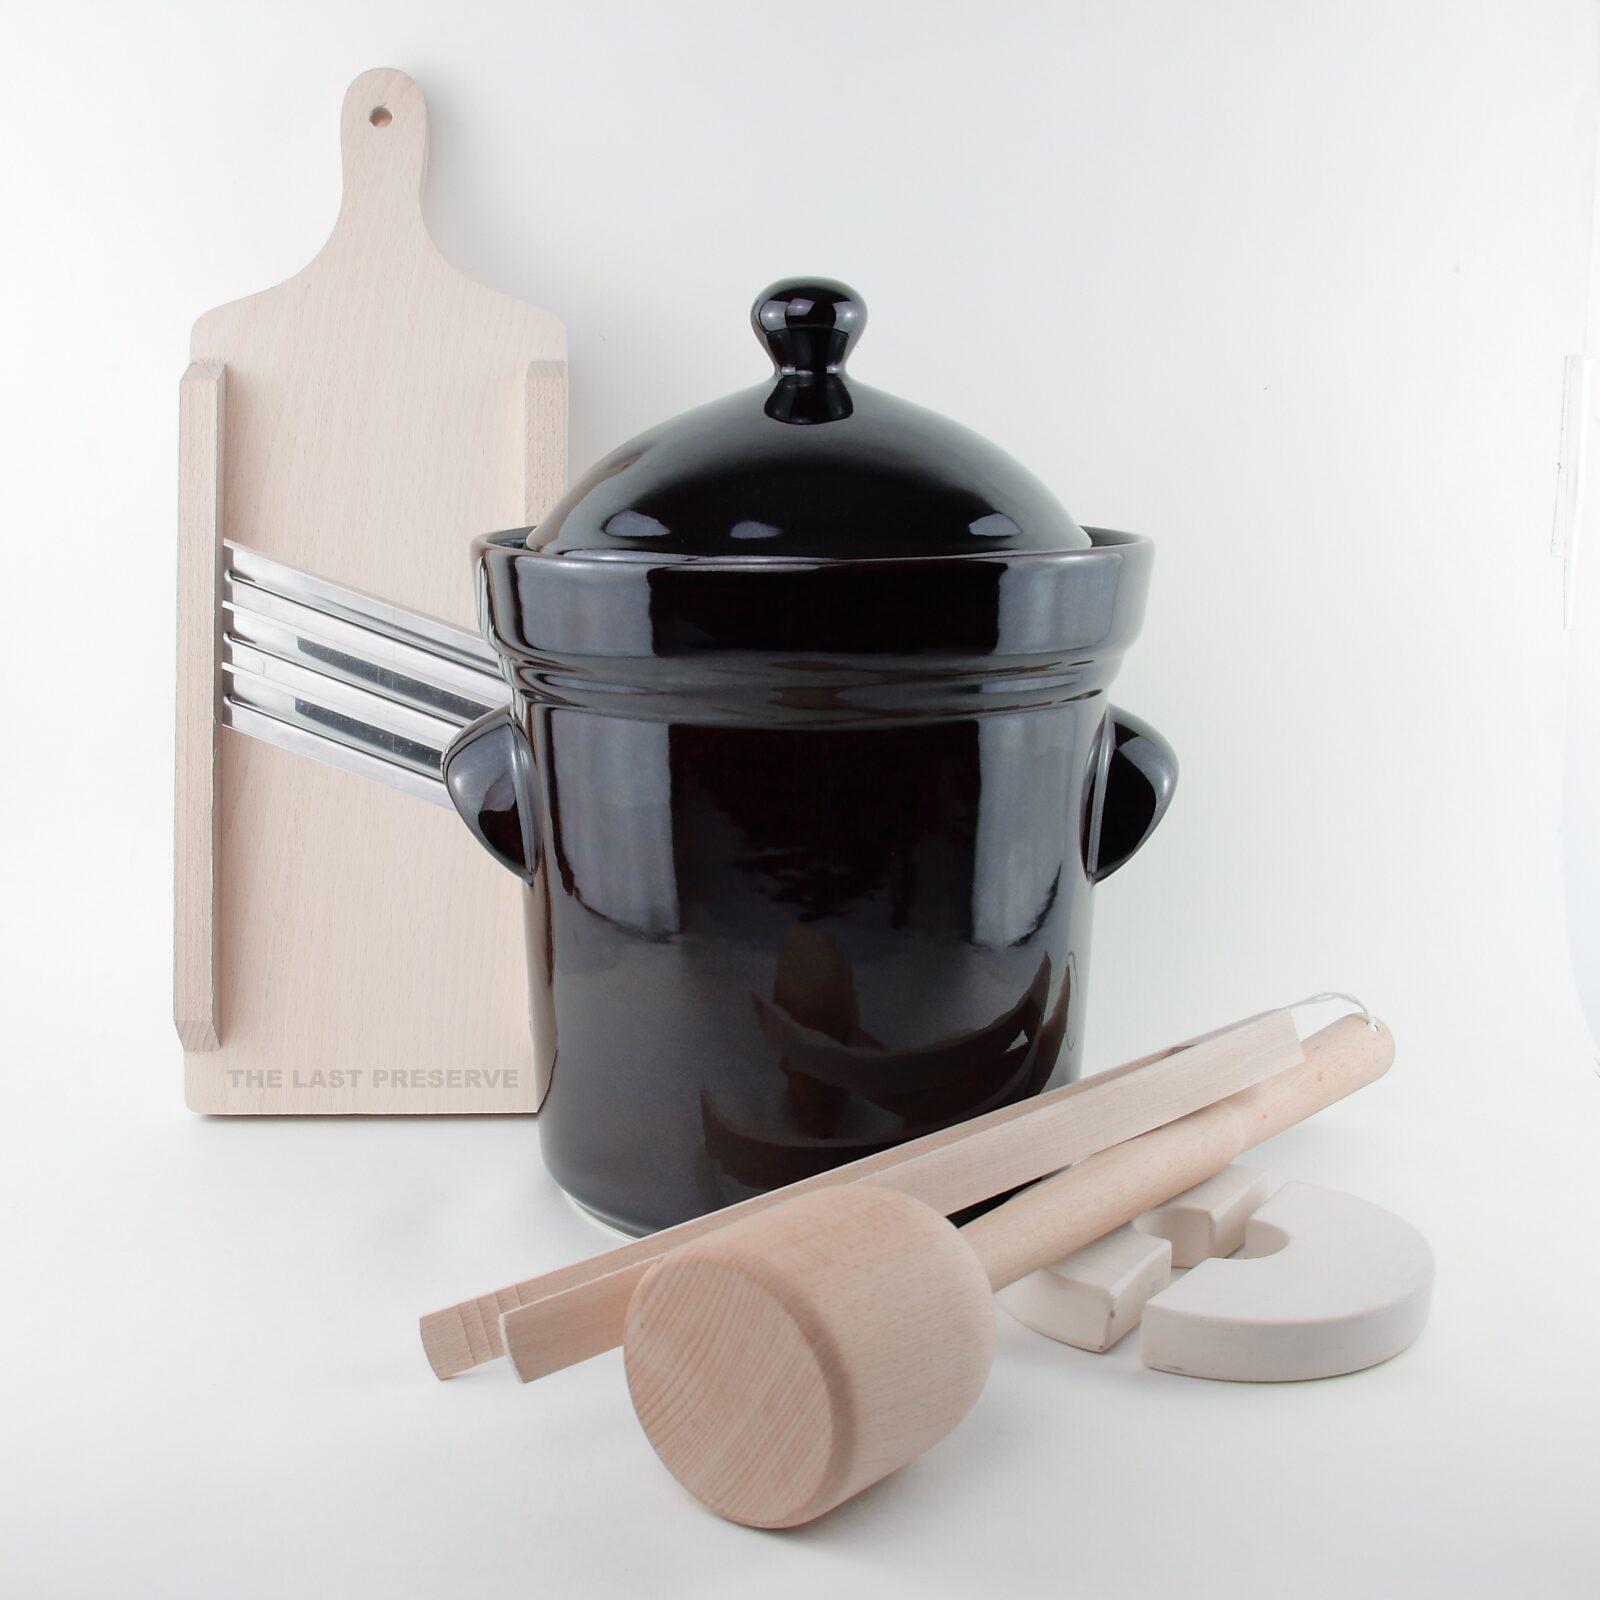 5 Litre ceramic sauerkraut crocks with wooden tools by Zaklady Ceramiczne Boleslawiec